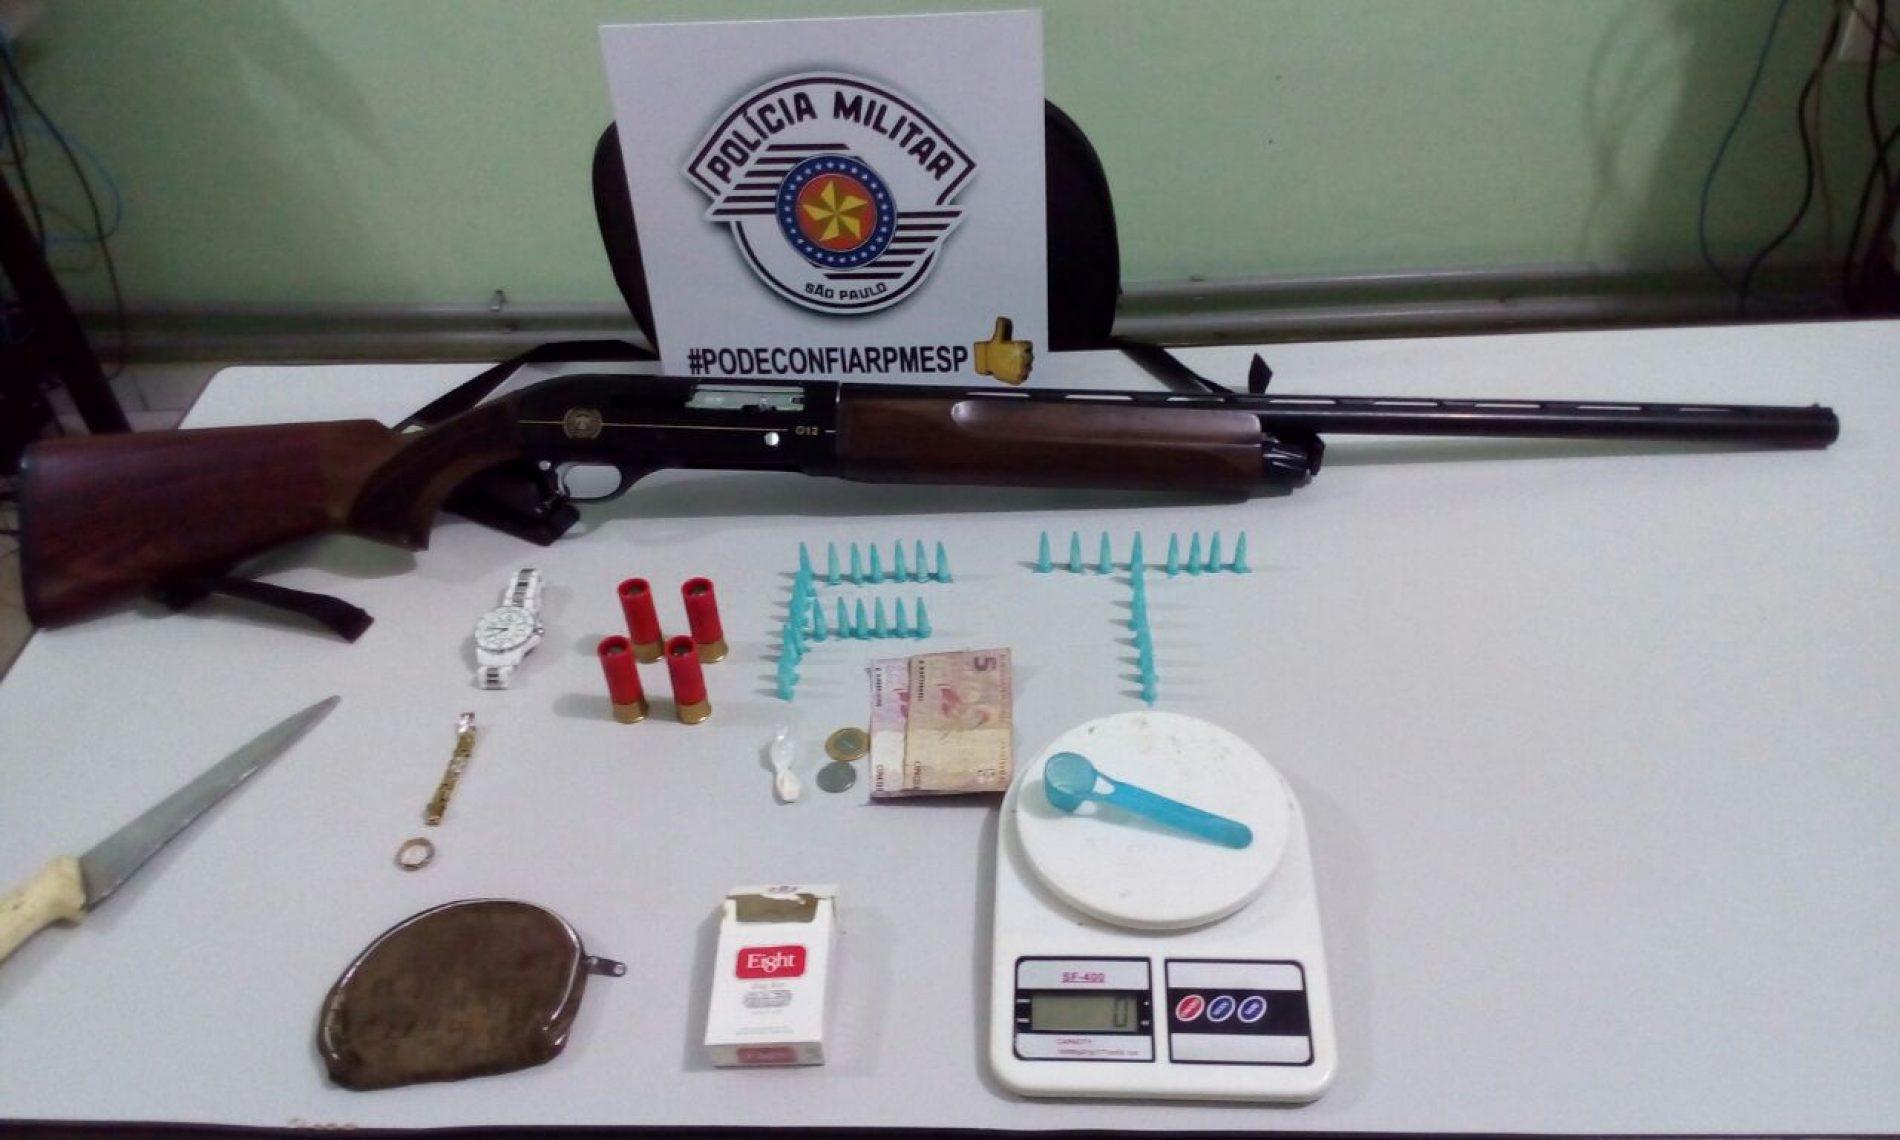 NOTICIAS POLICIAIS: Operação Policial prende dois e apreende drogas, armas, dinheiro e outros objetos em apartamento do Luís Spina